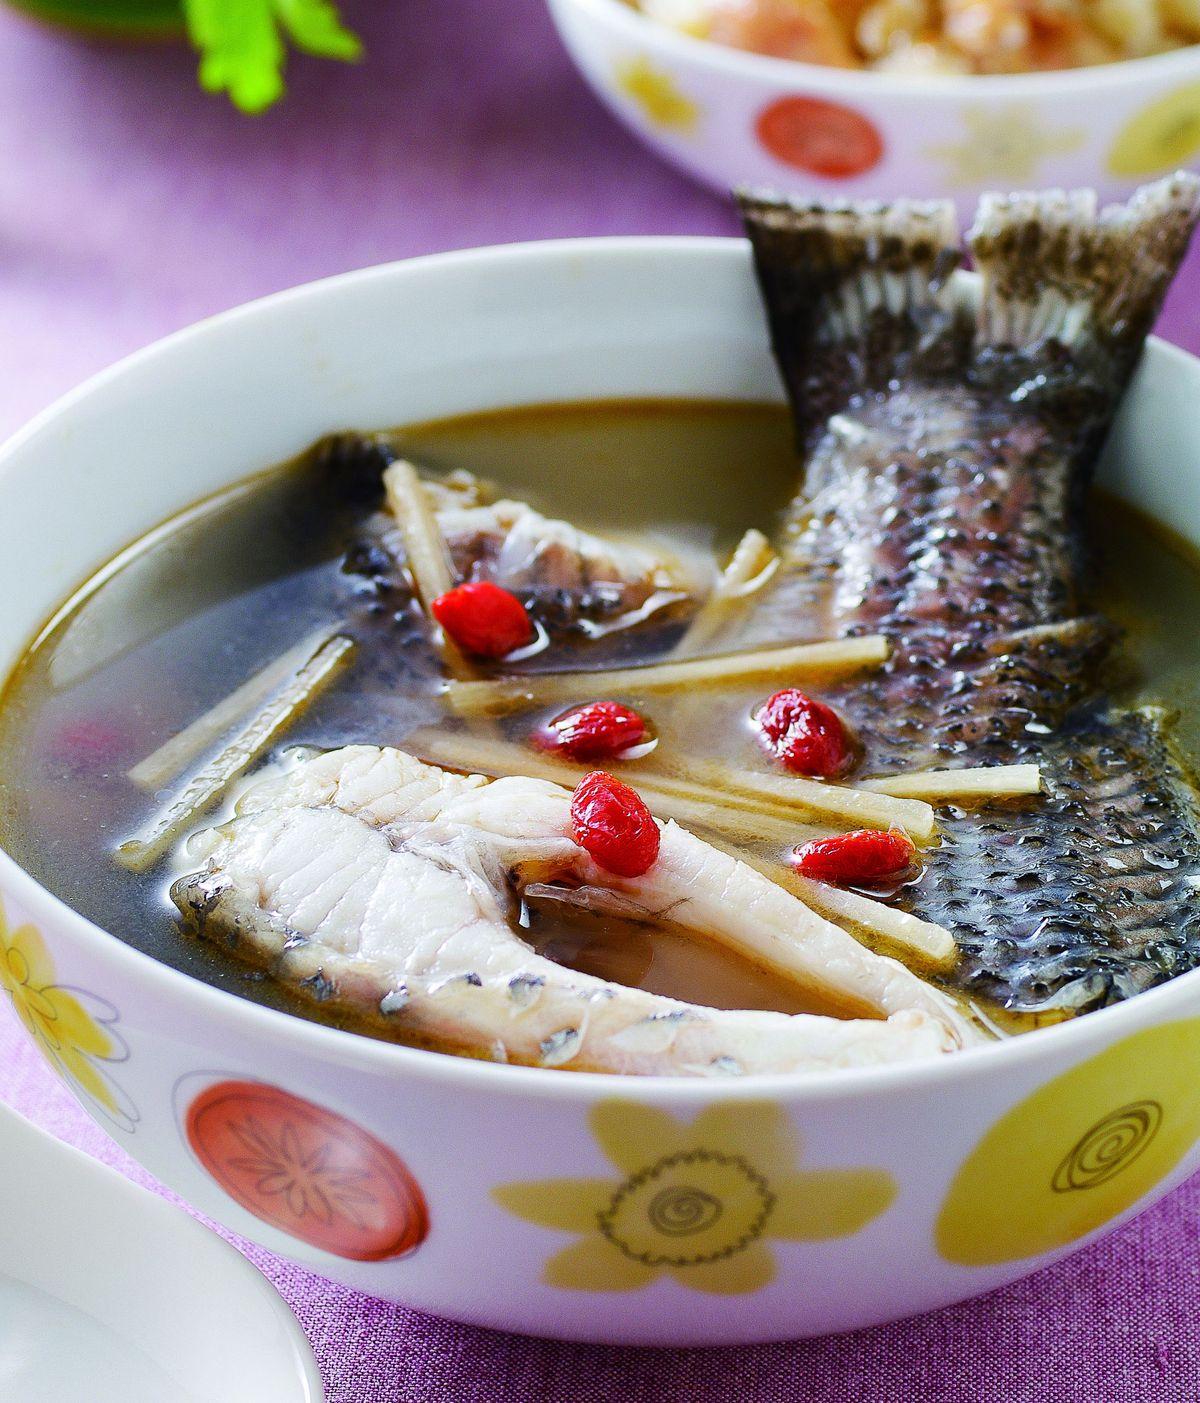 食譜:麻油鱸魚湯